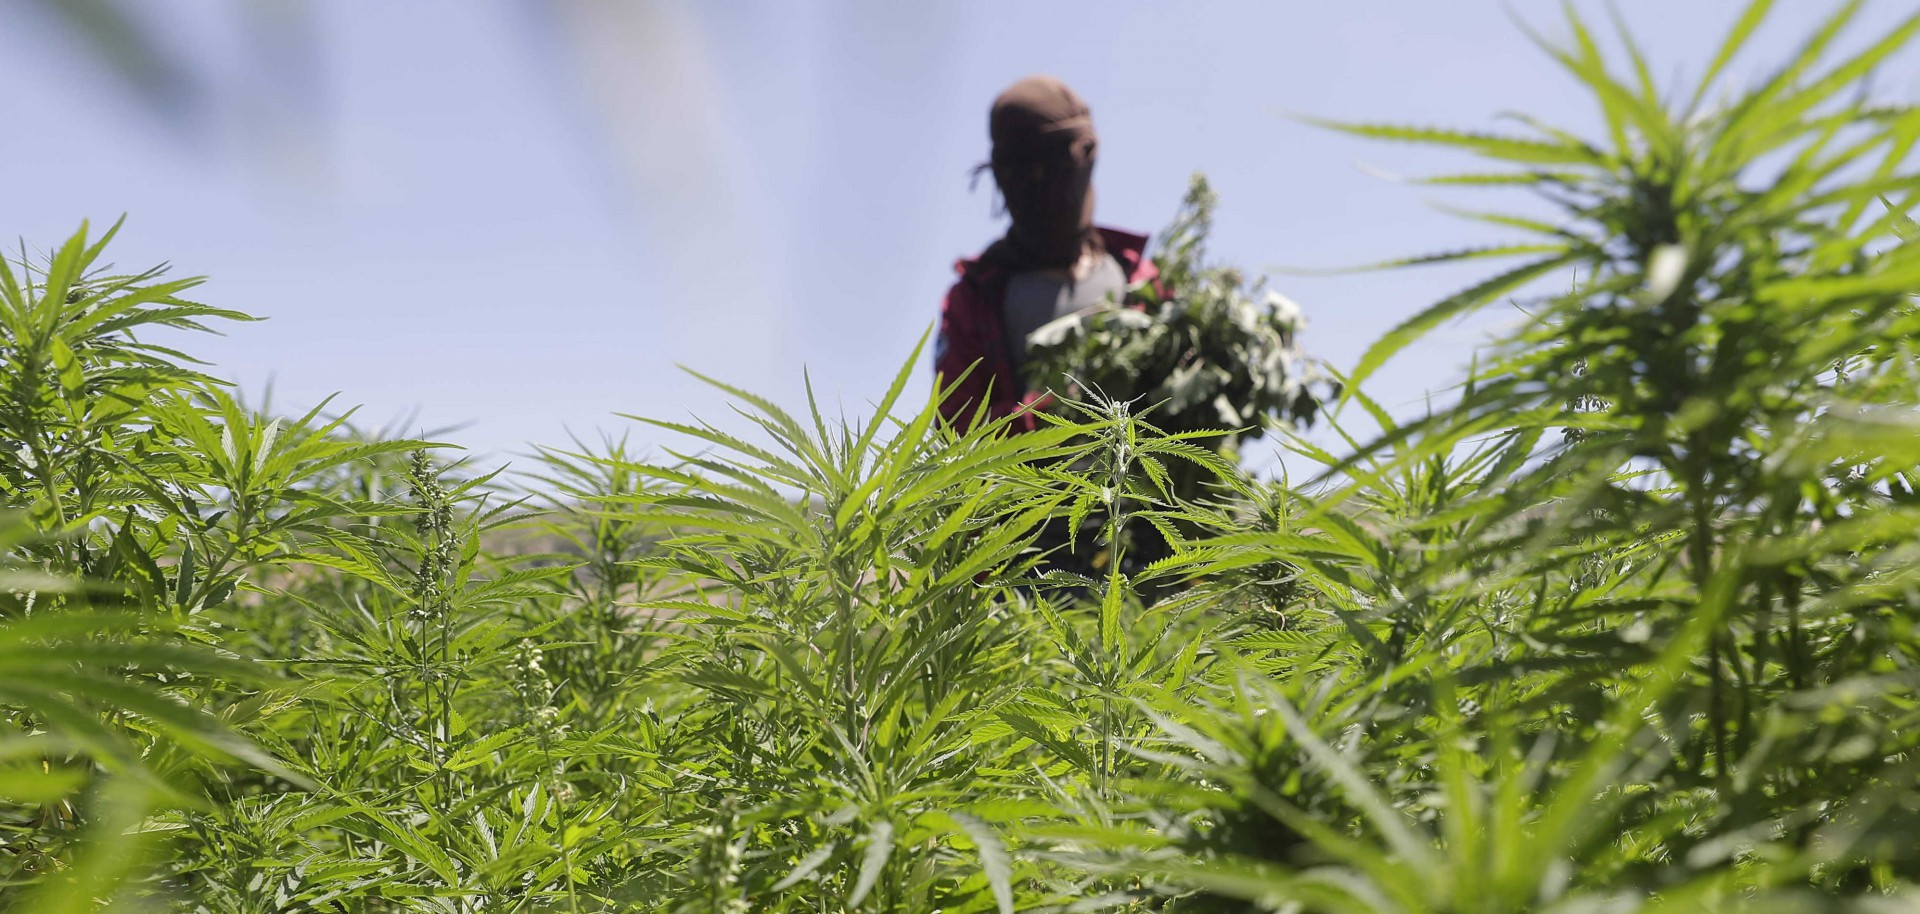 Yammouneh, il villaggio della cannabis in Libano (LaPresse)